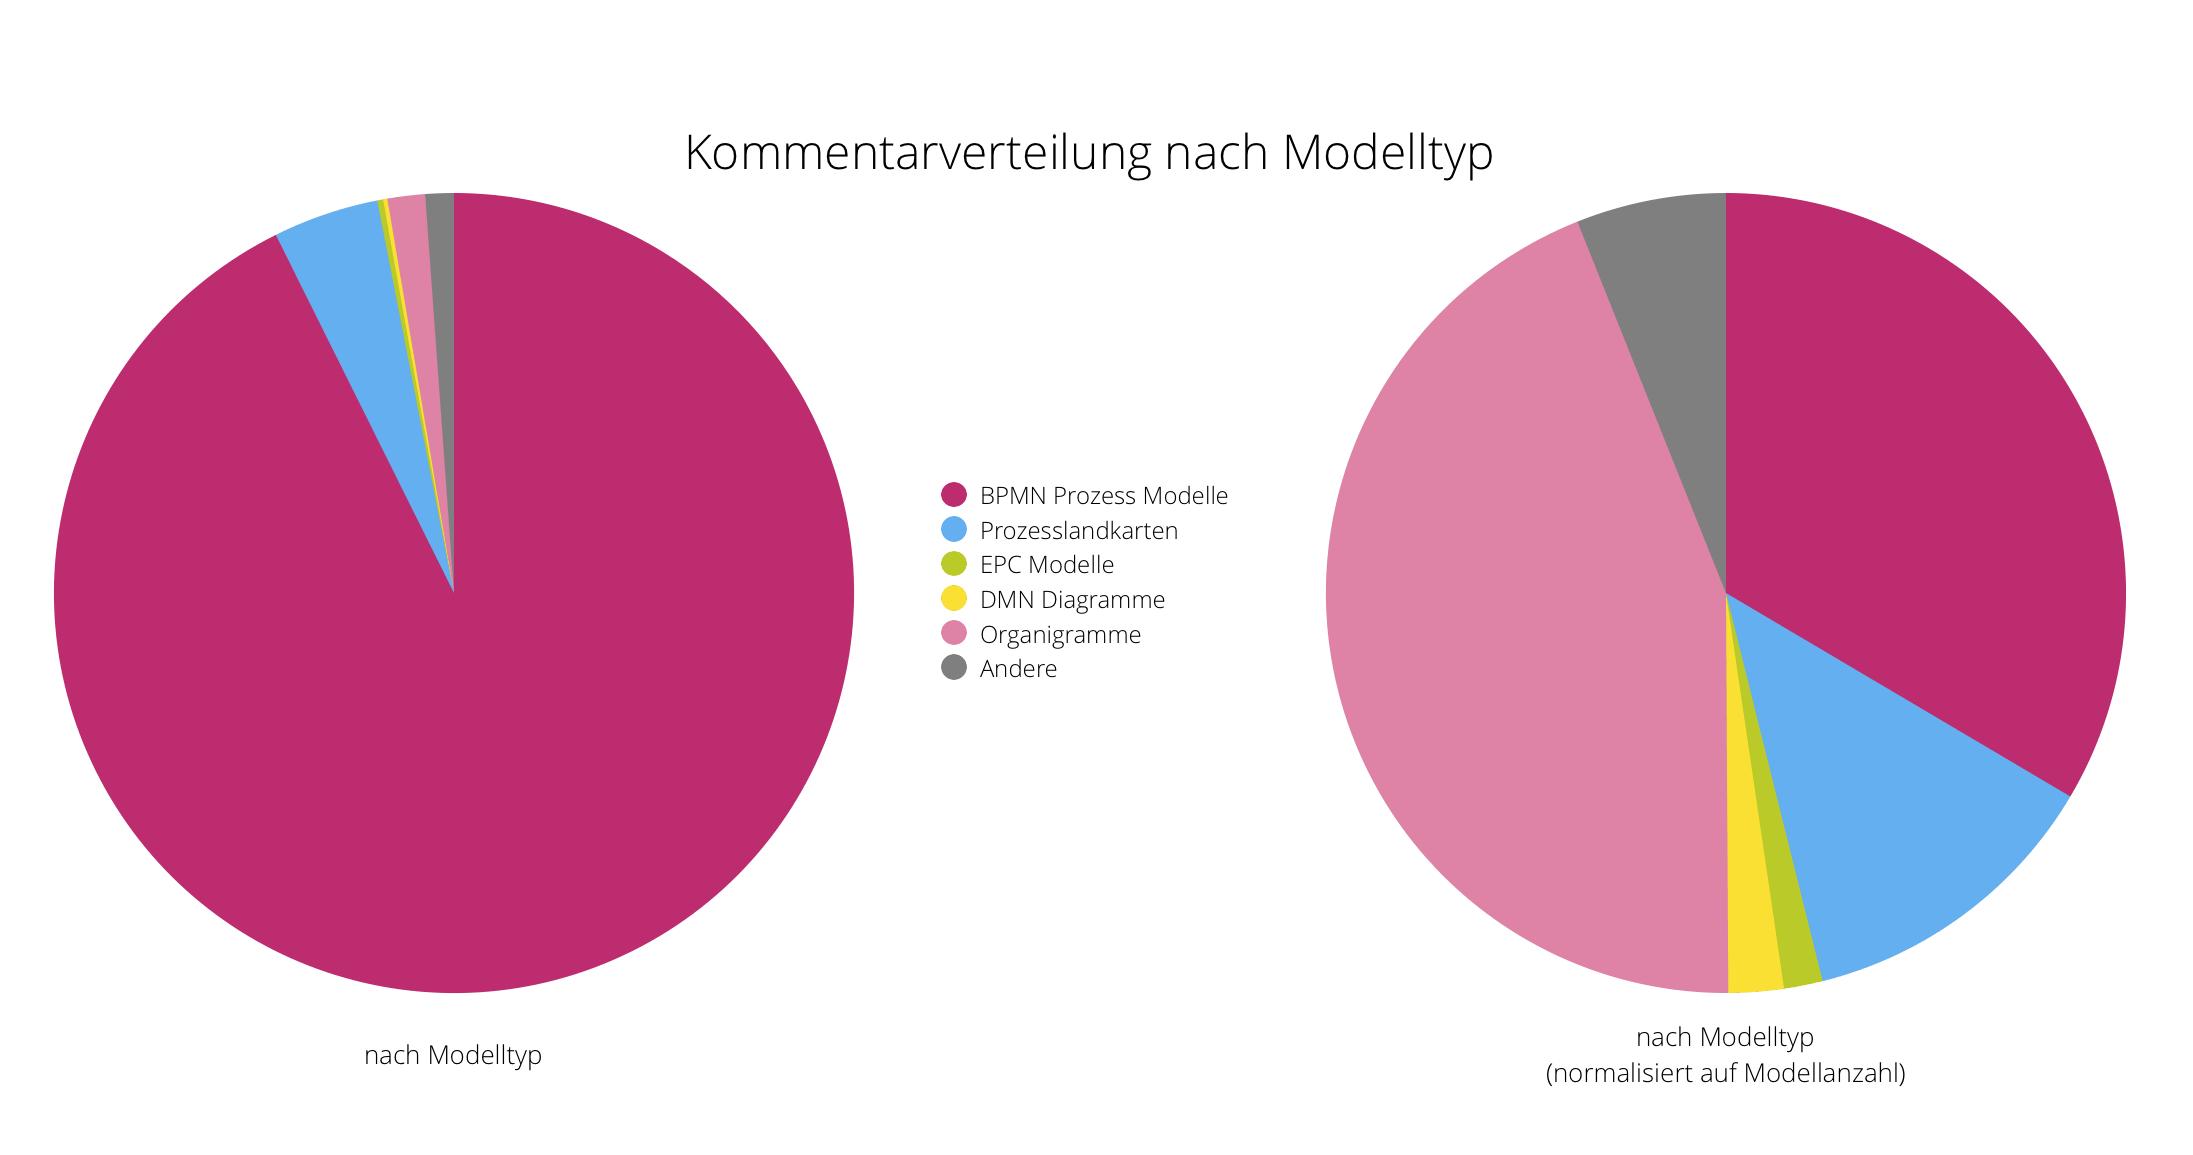 Kreisdiagramm: Kommentarverteilung nach Modelltyp